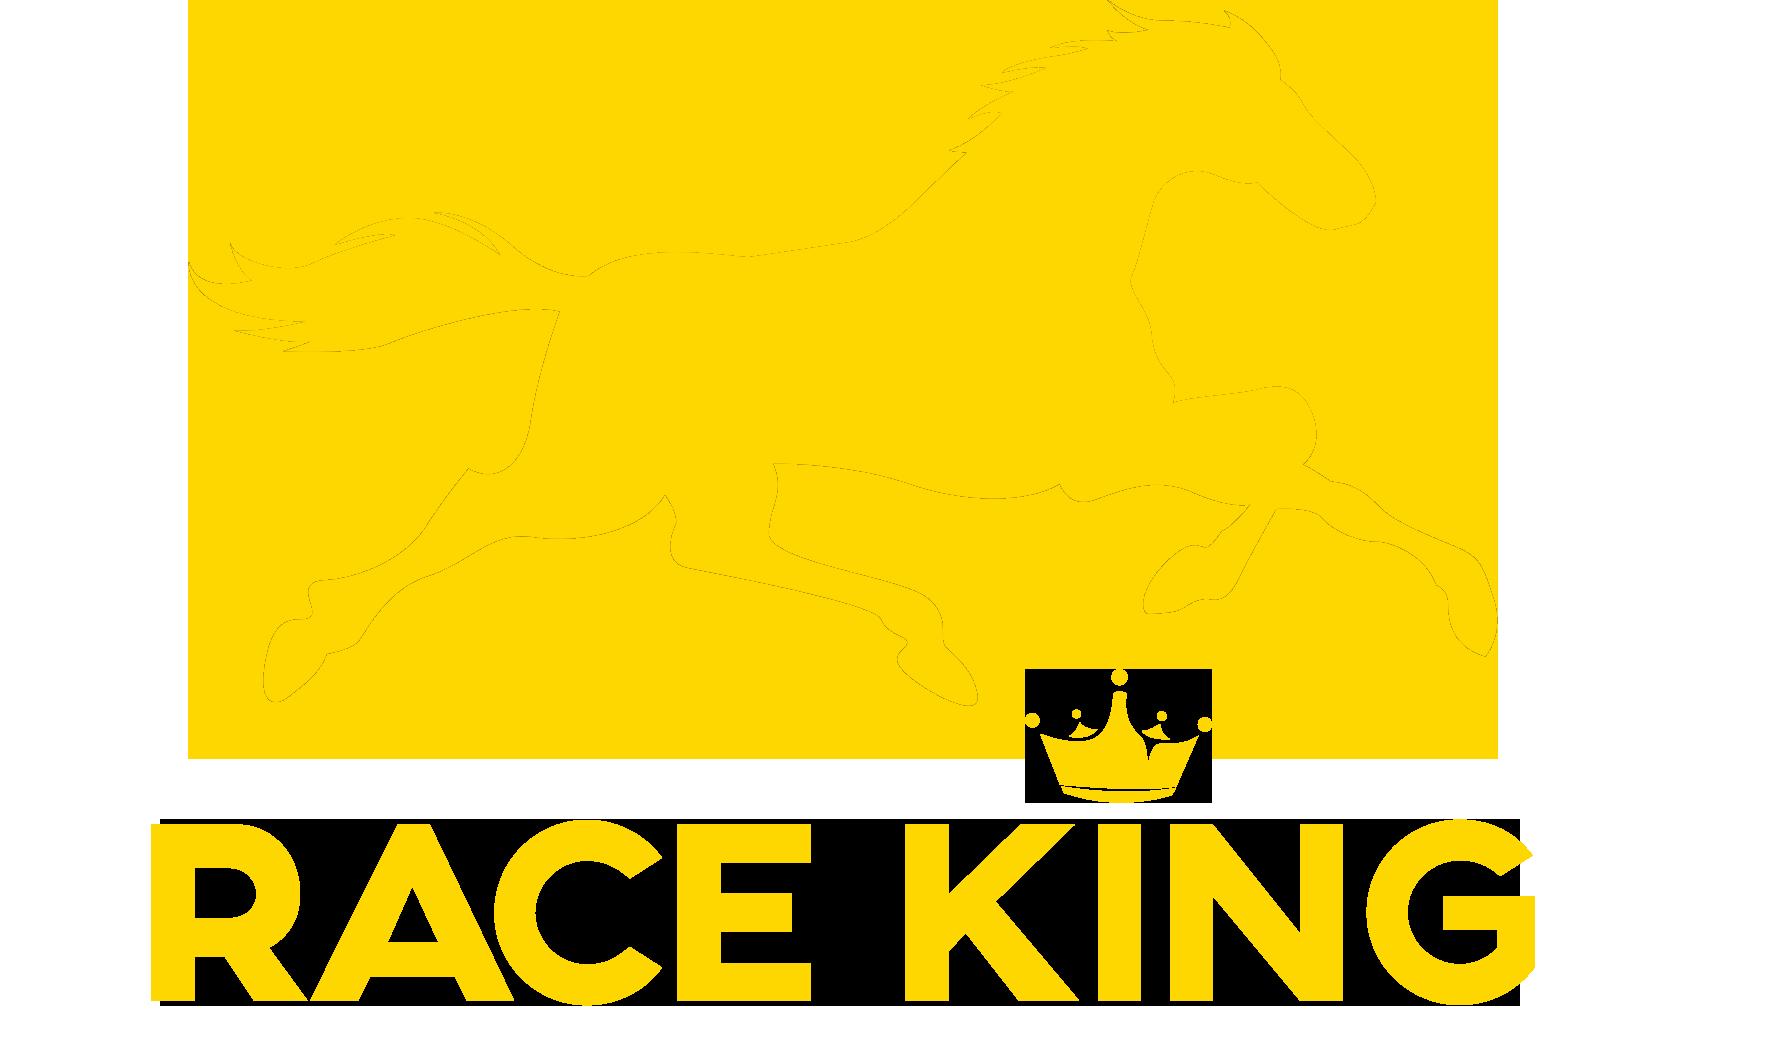 Race King